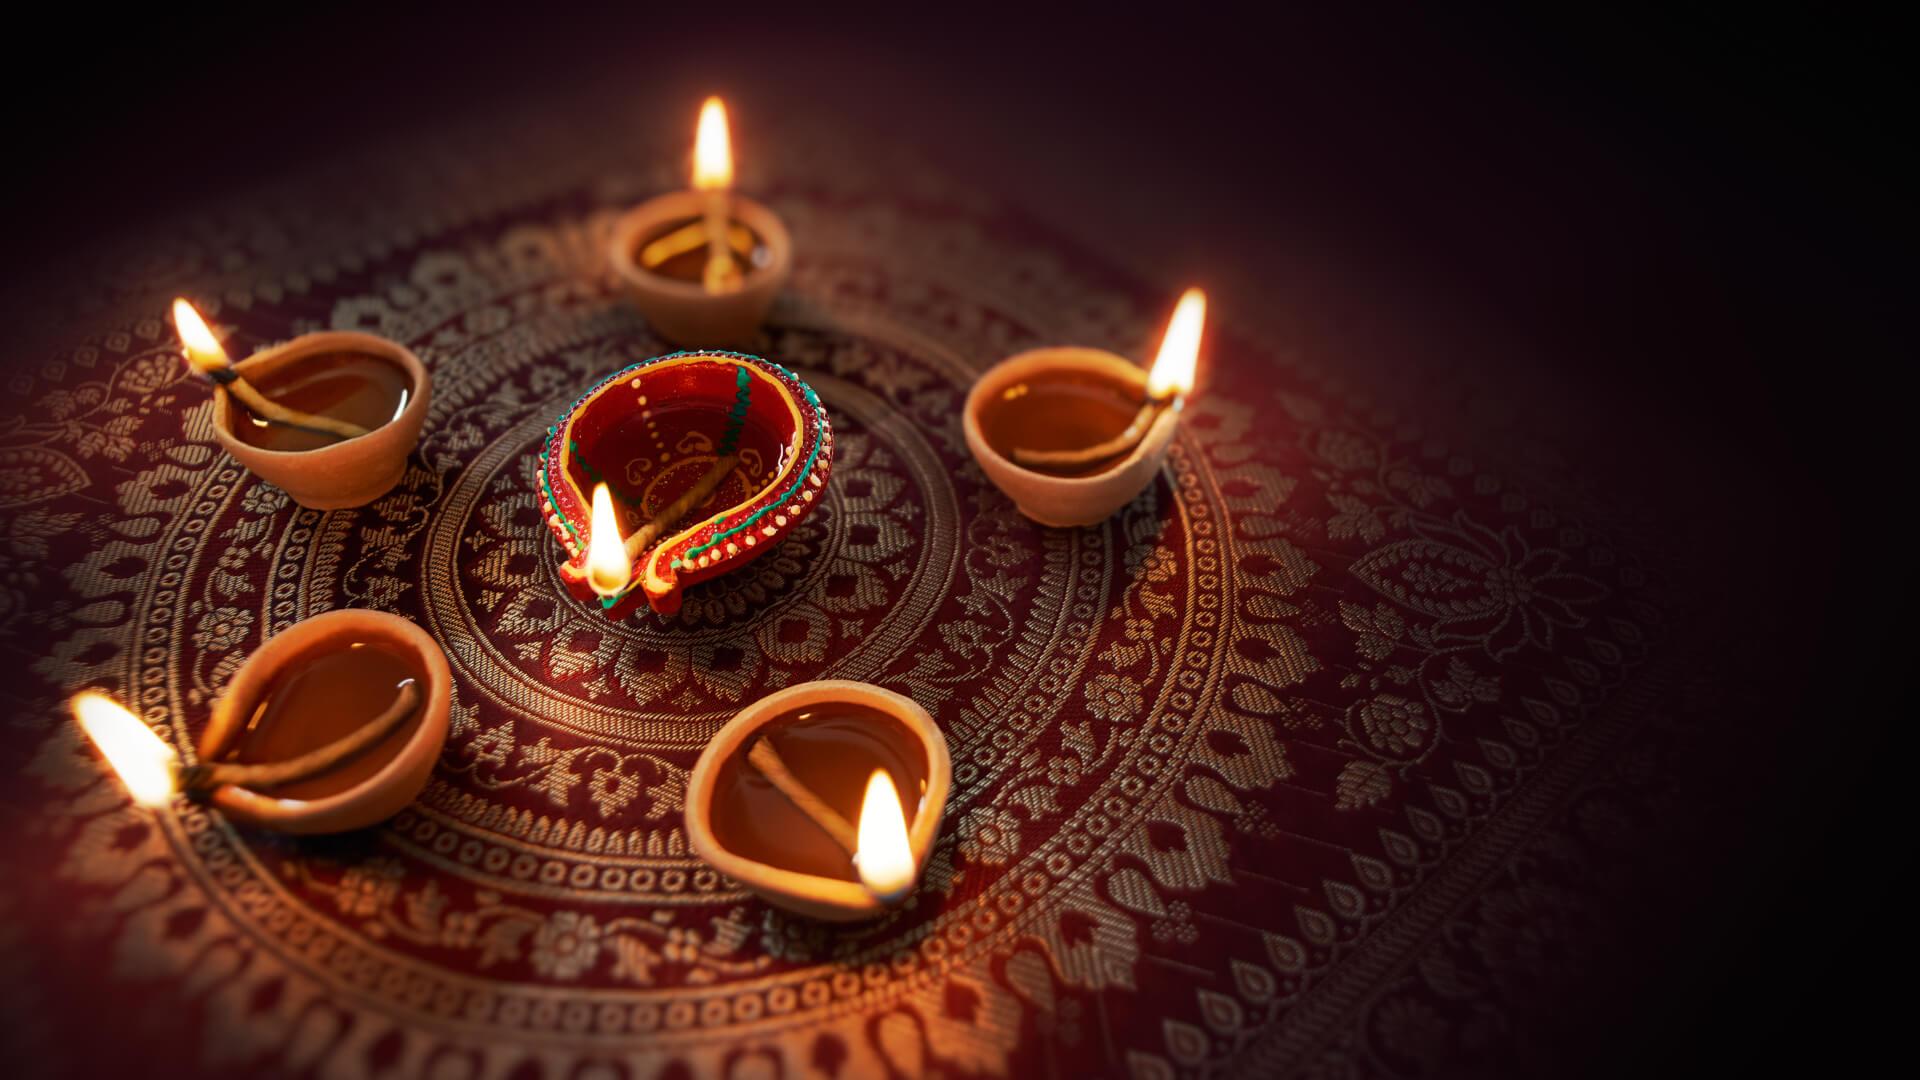 Işığın Bilgeliğiyle Gelen İyilik, Diwali Festivali, Hindistan